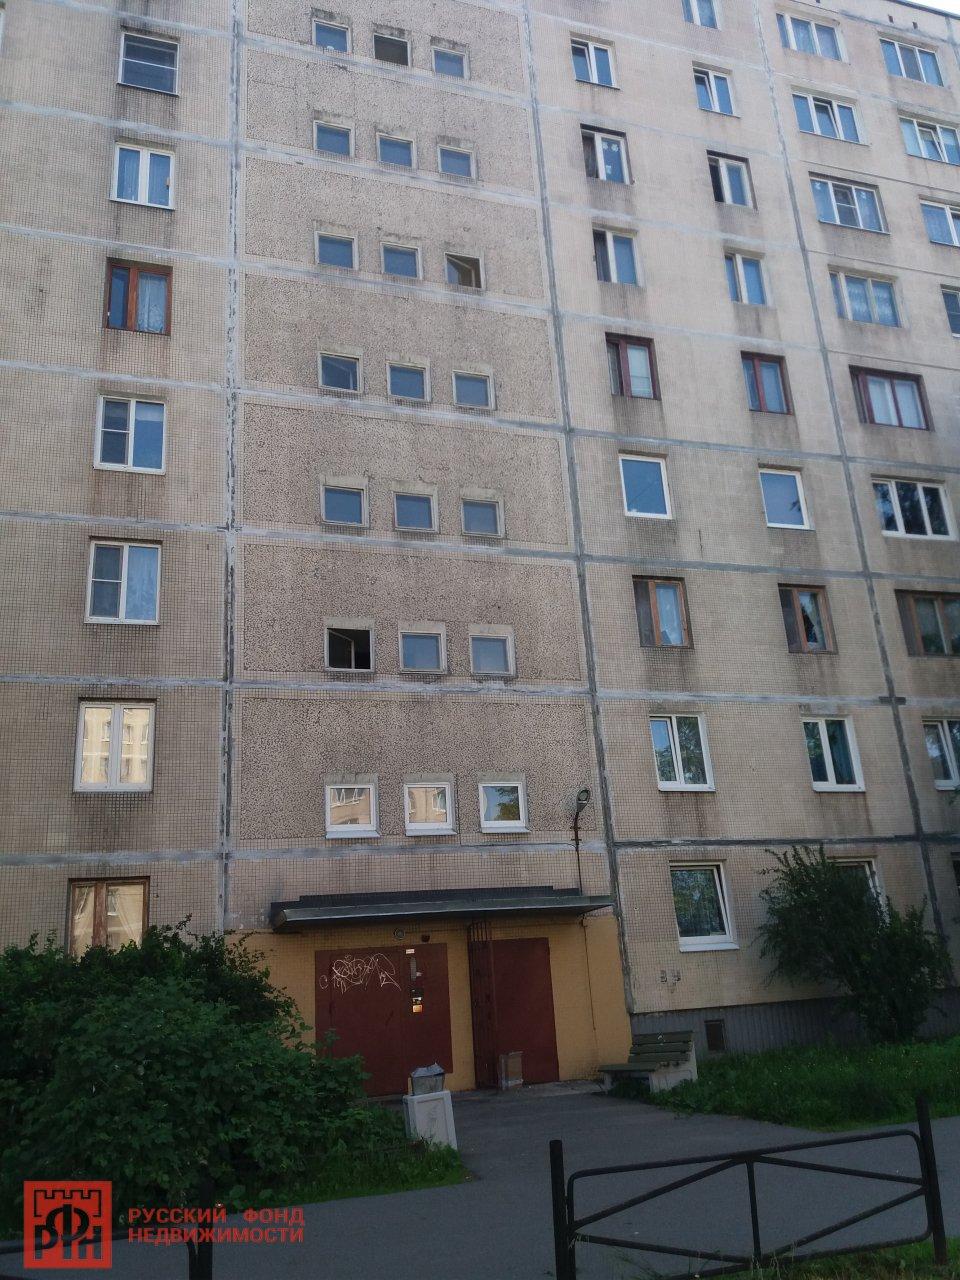 Олеко Дундича ул., д 19, корпус 1